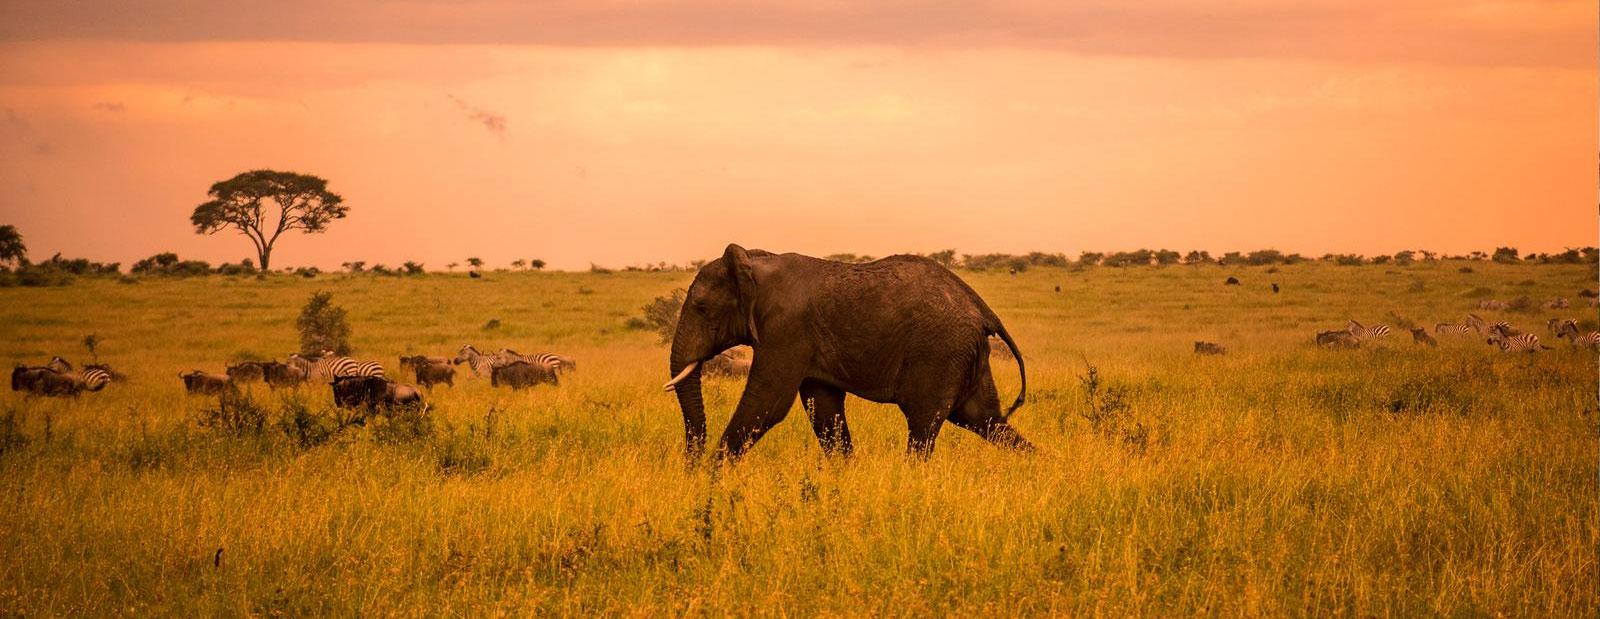 3 Days Serengeti and Ngorongoro